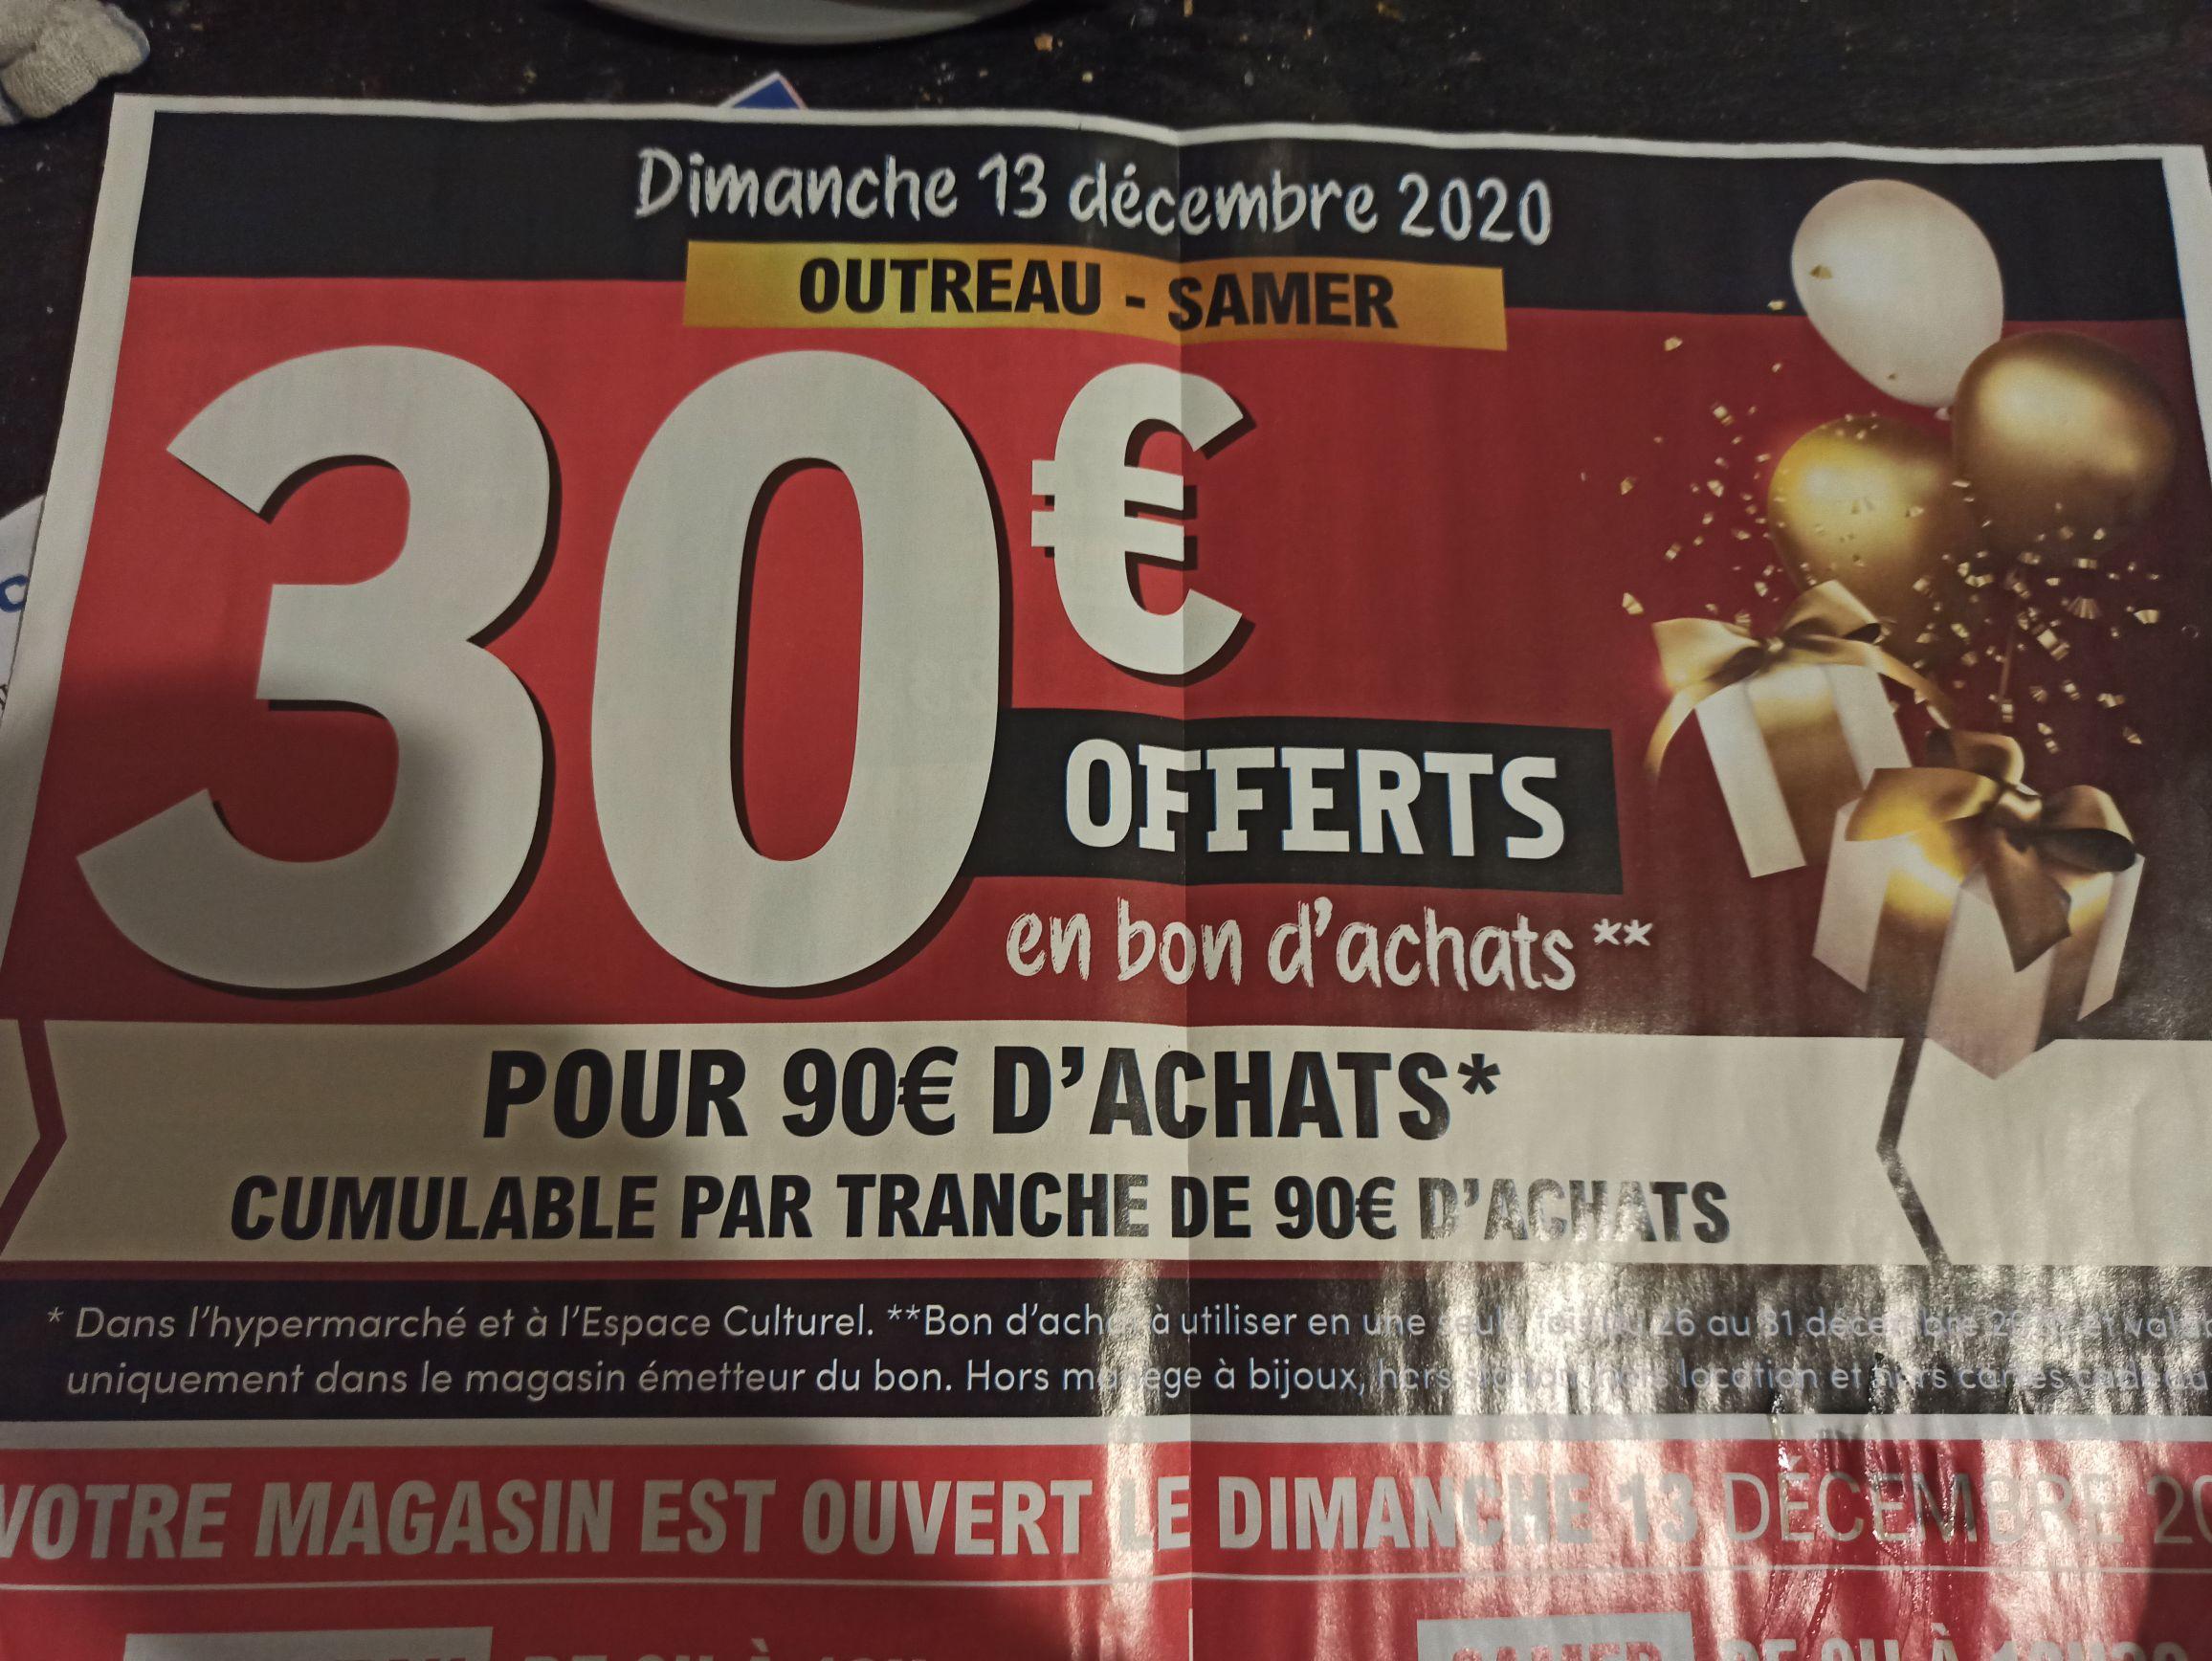 30€ offerts en bon d'achats par tranche de 90€ d'achats - Outreau-Samer (62)